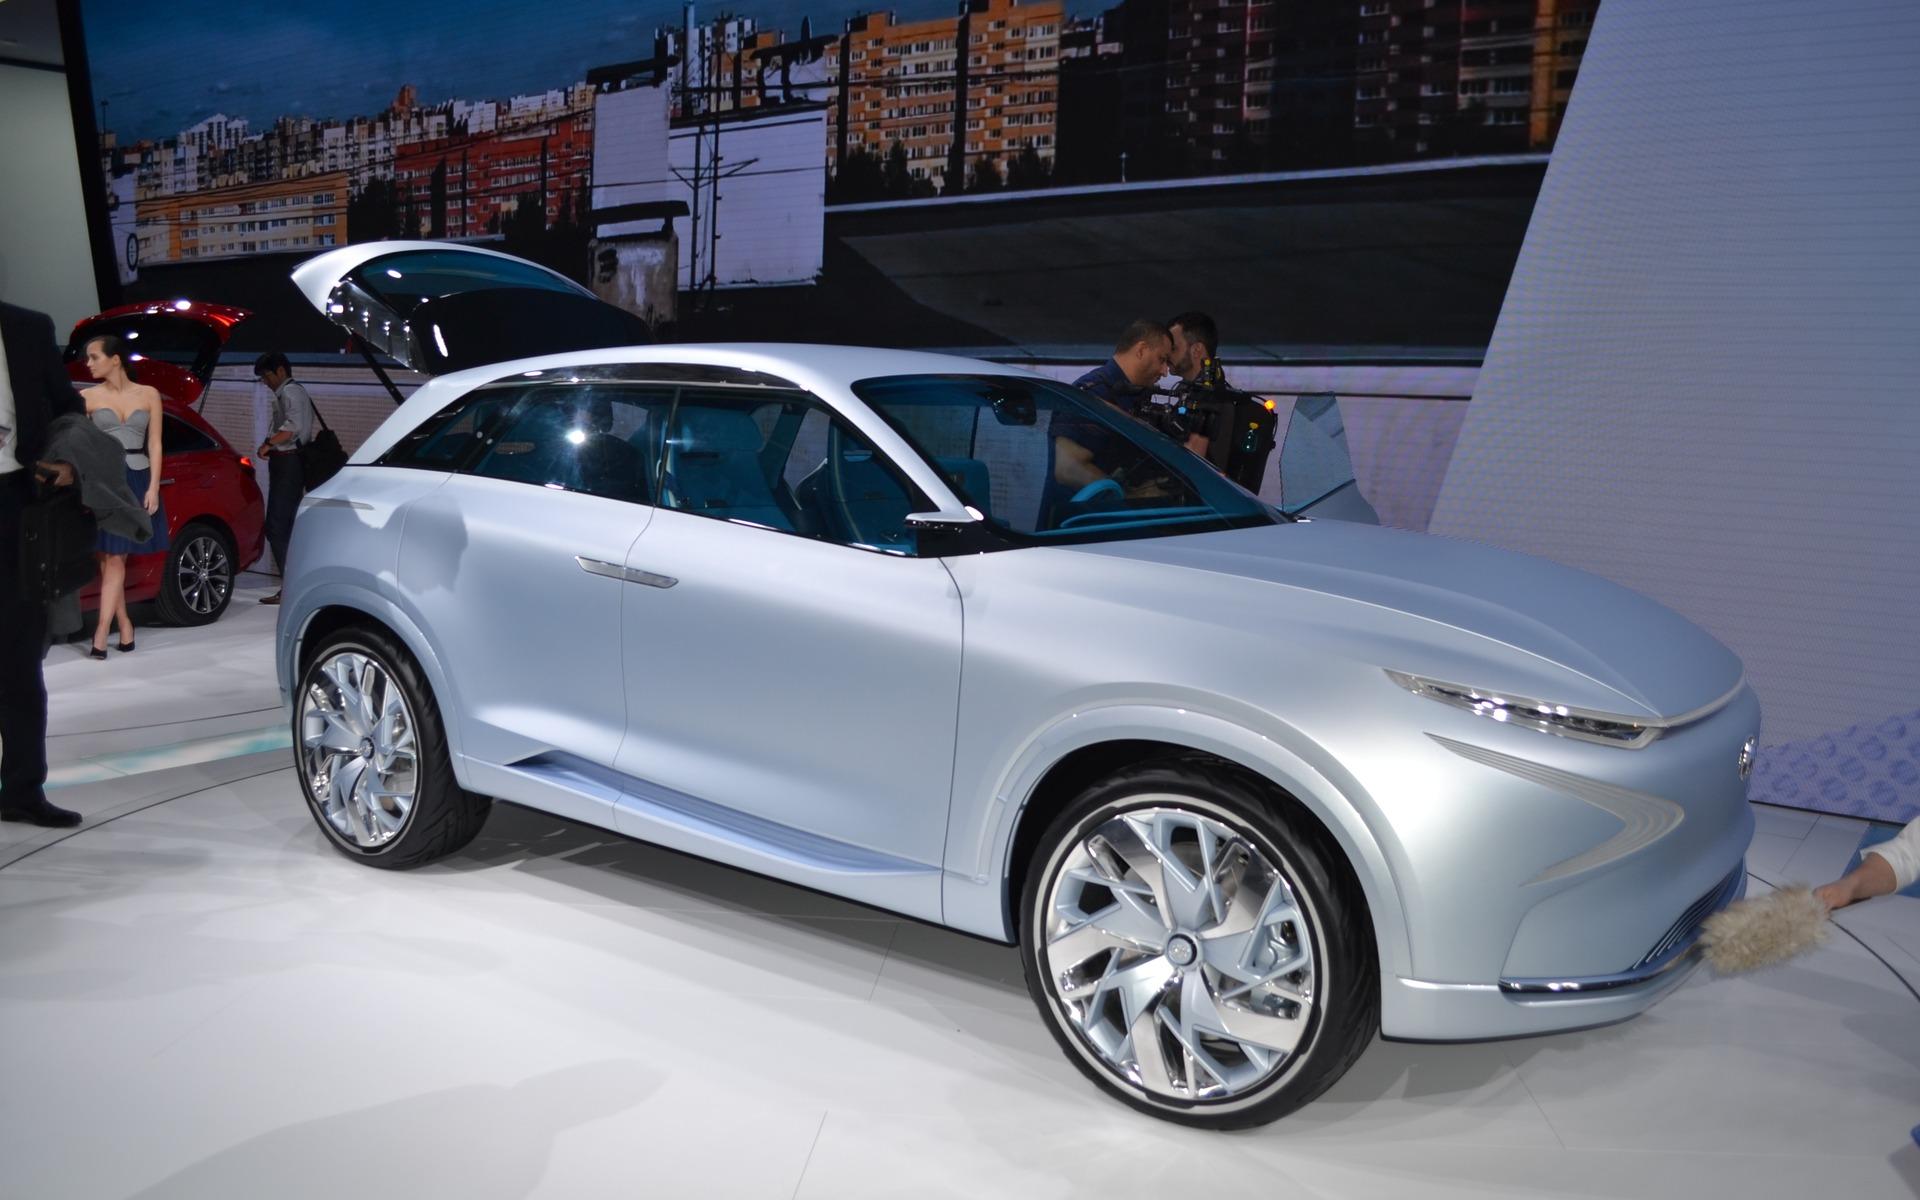 hyundai fe concept 100 lectrique 800 km d 39 autonomie guide auto. Black Bedroom Furniture Sets. Home Design Ideas